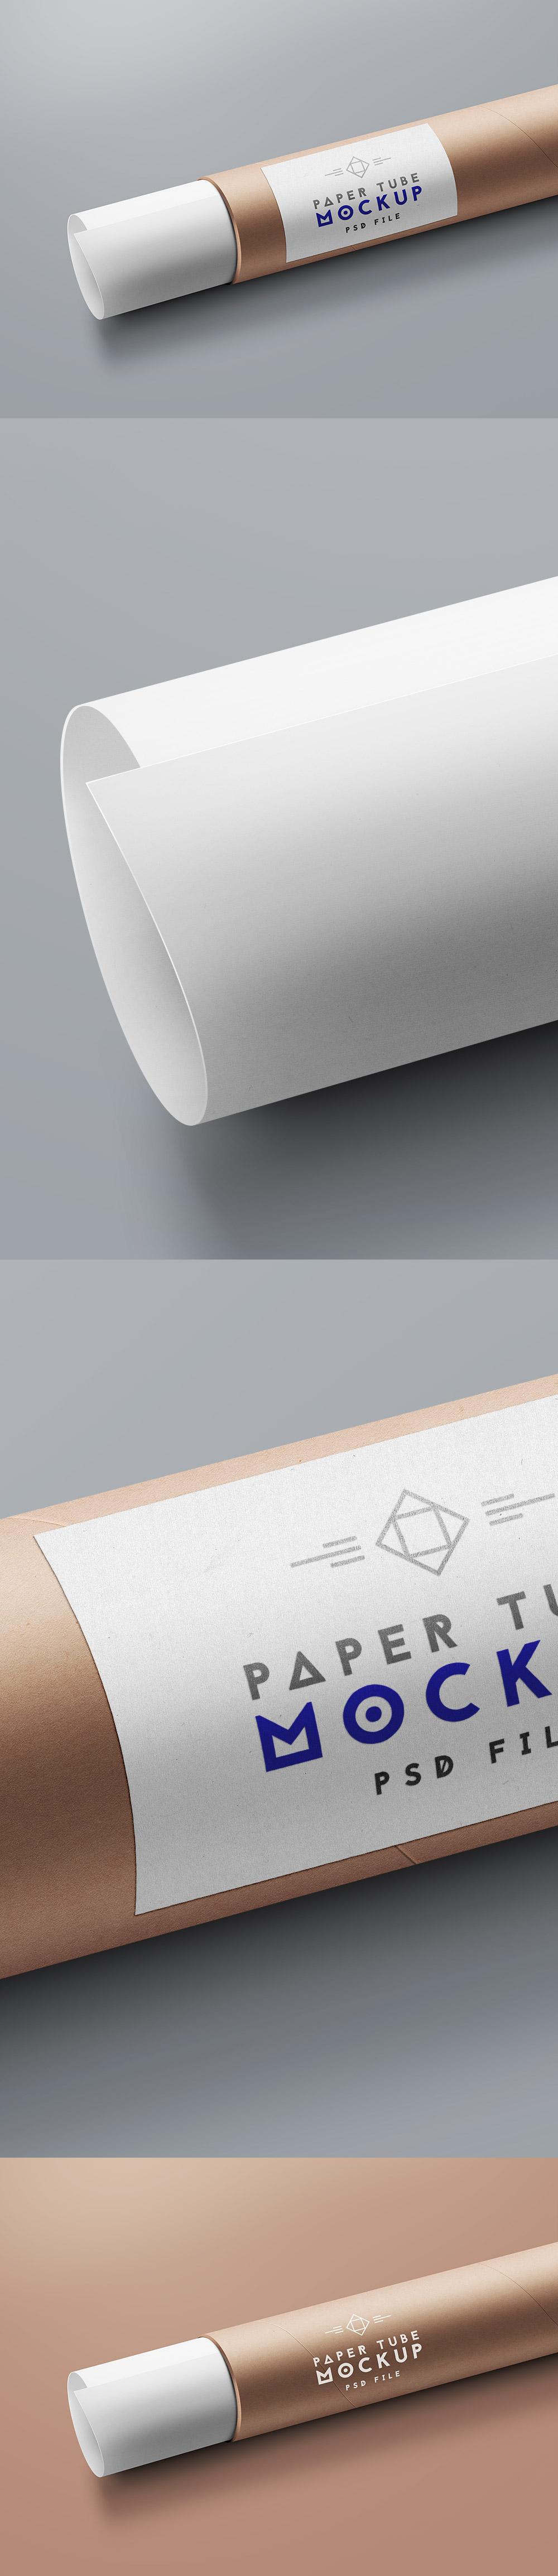 Cardboard Paper Tube Mockkup